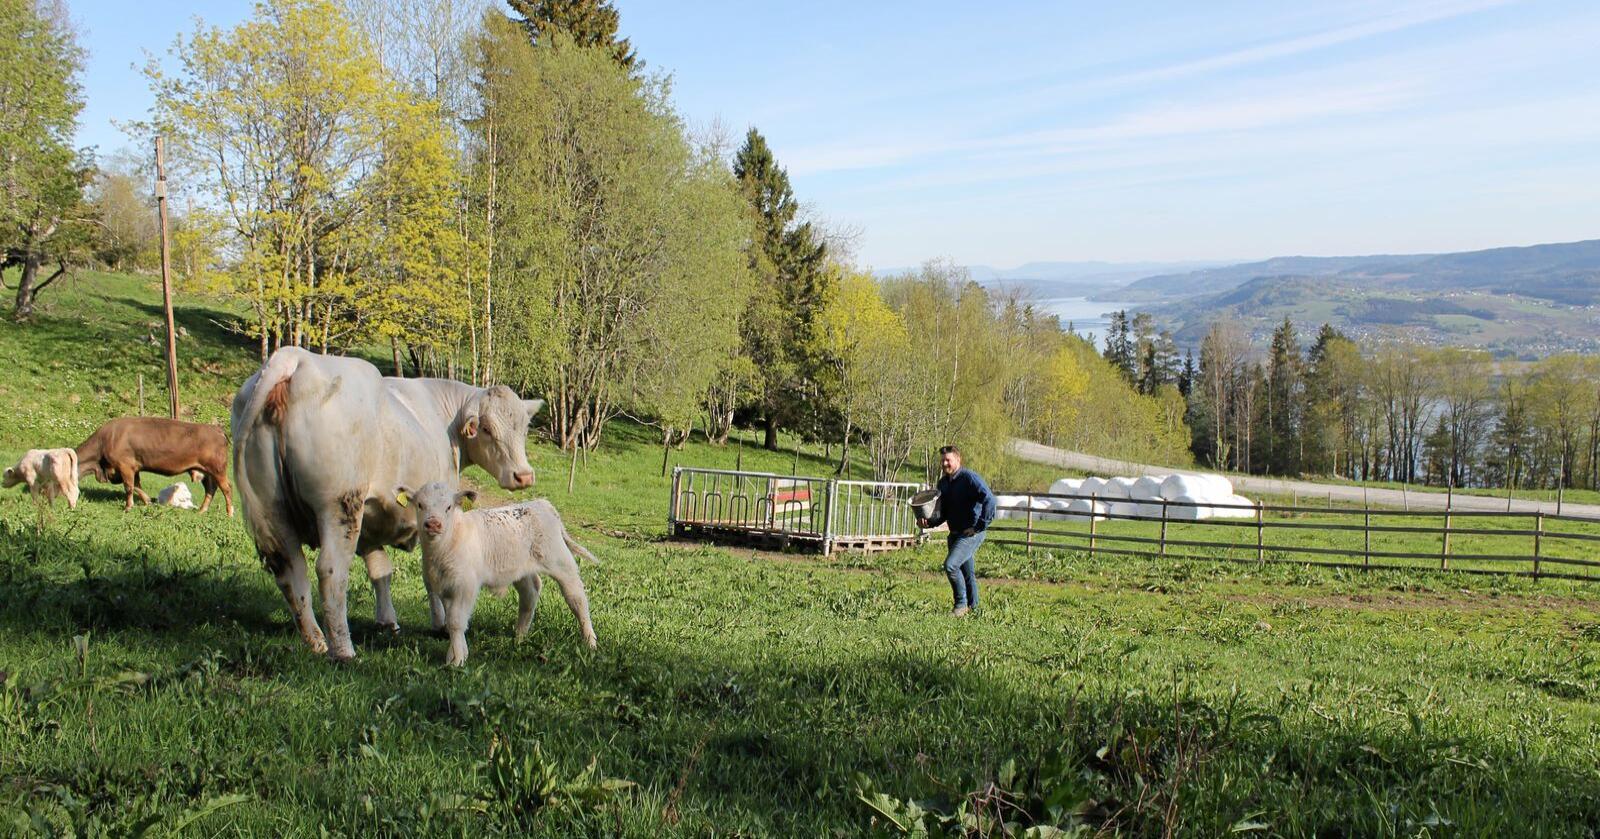 Stridens kjerne: Oslo Economics mener Nibio ikke har regnet med investeringskostnader ved omlegging av norsk matproduksjon og kosthold. (Arkivfoto: Norsk Landbruk)